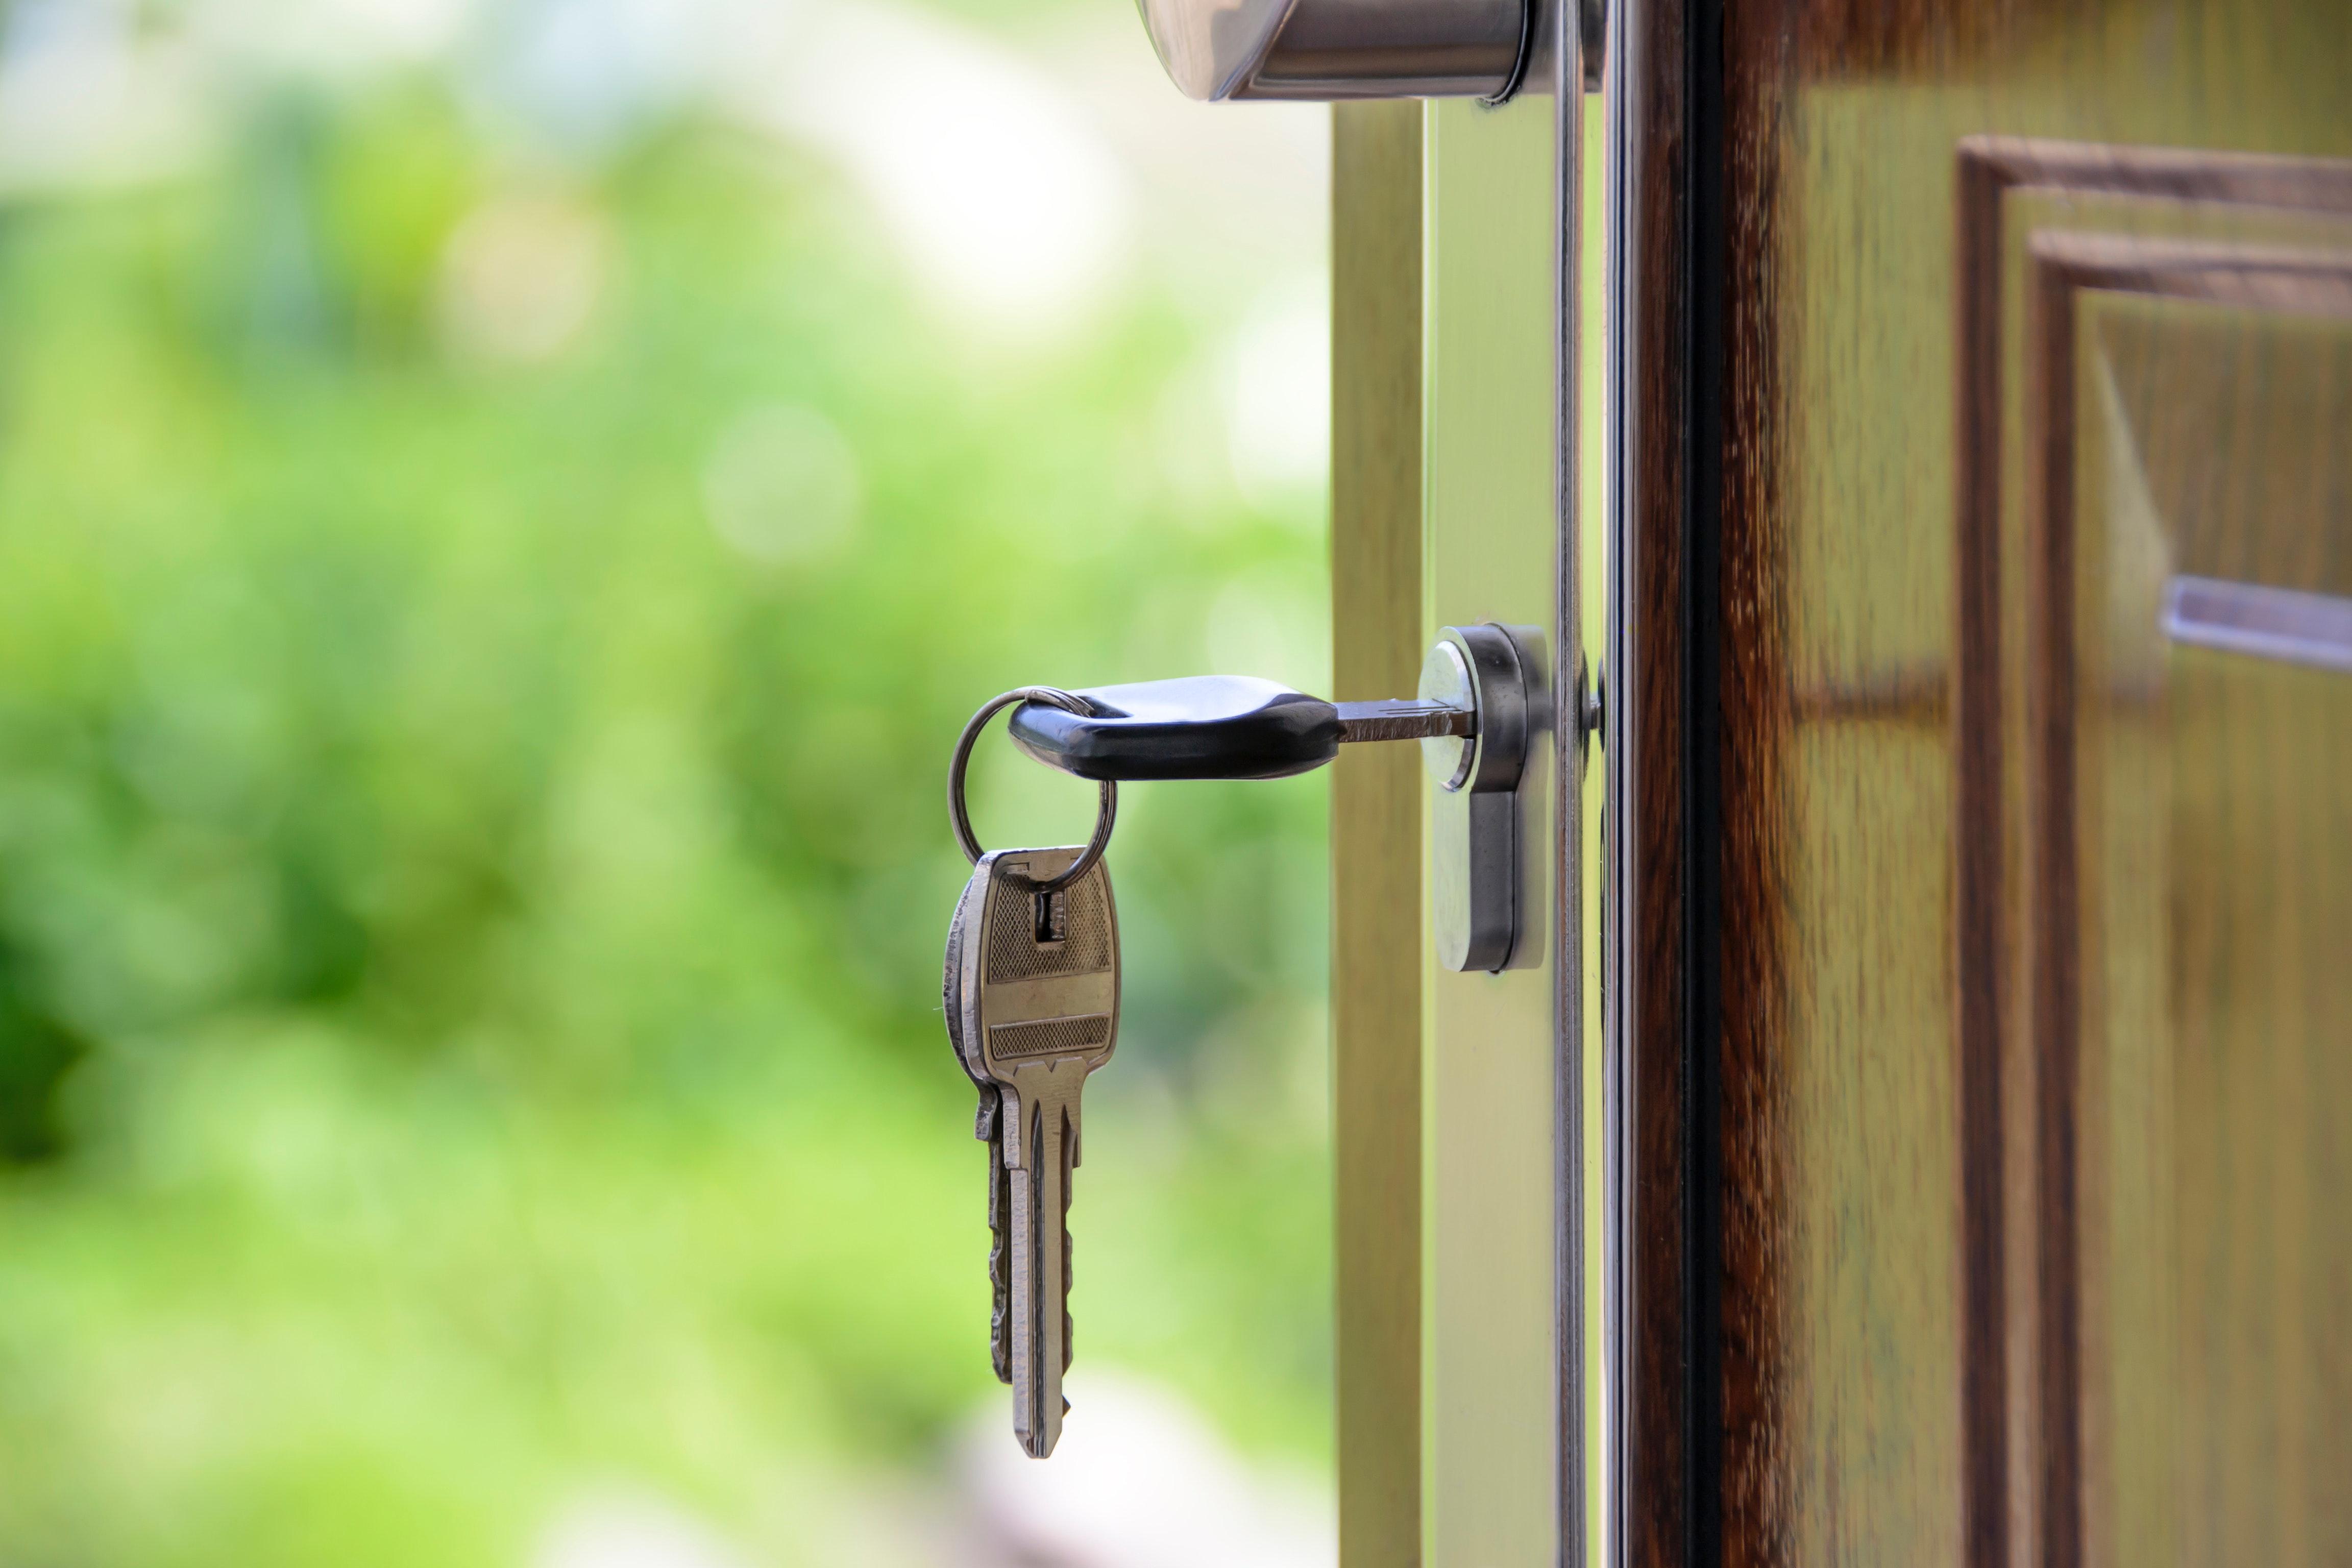 Black Handled Key on Key Hole, Close-up, Door, Keyhole, Keys, HQ Photo